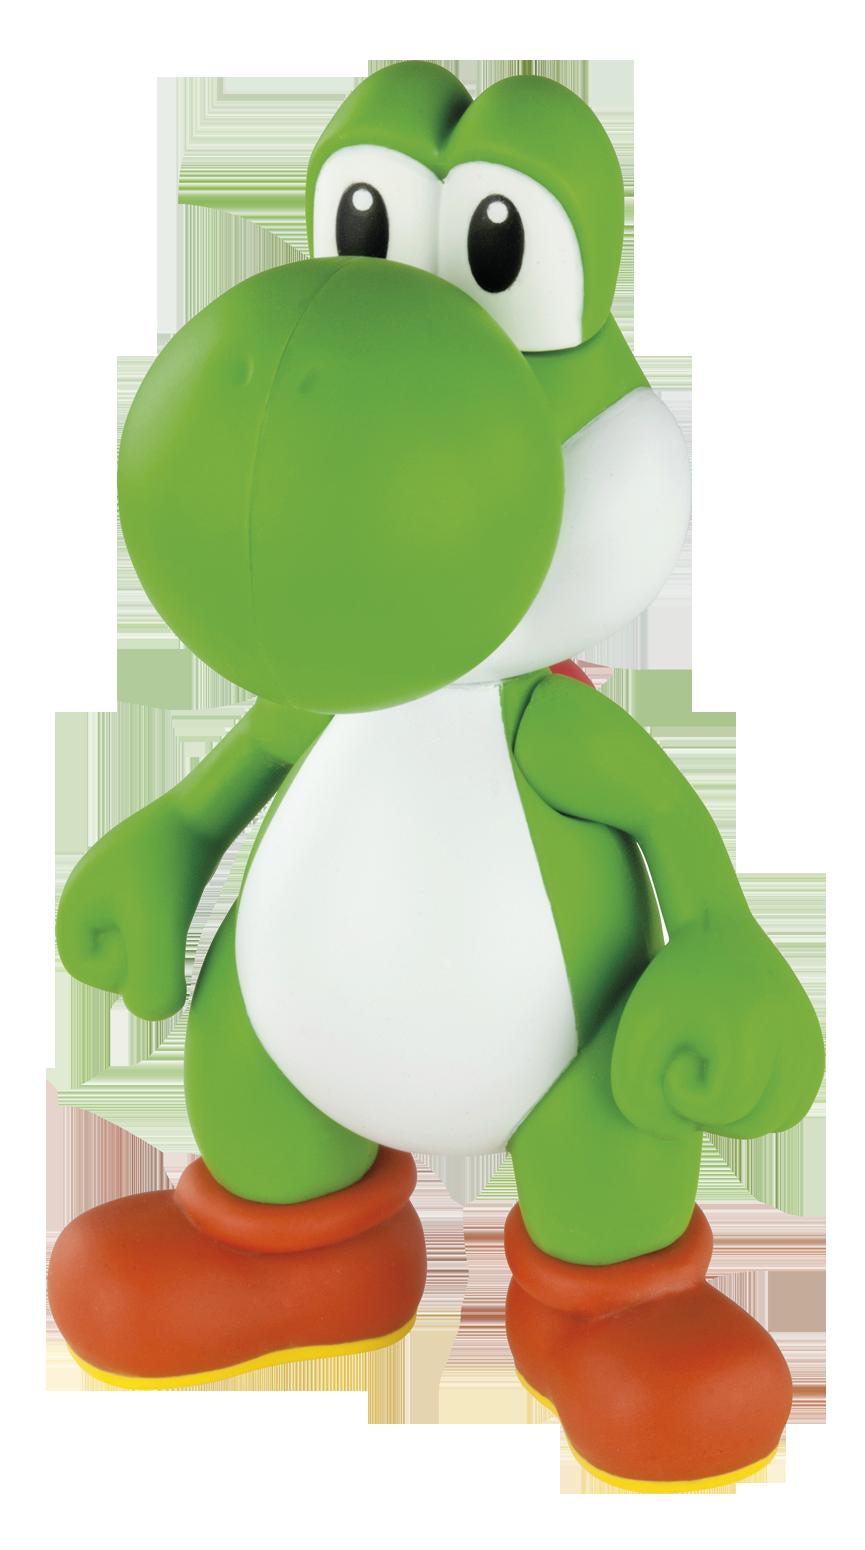 Yoshi-nofx